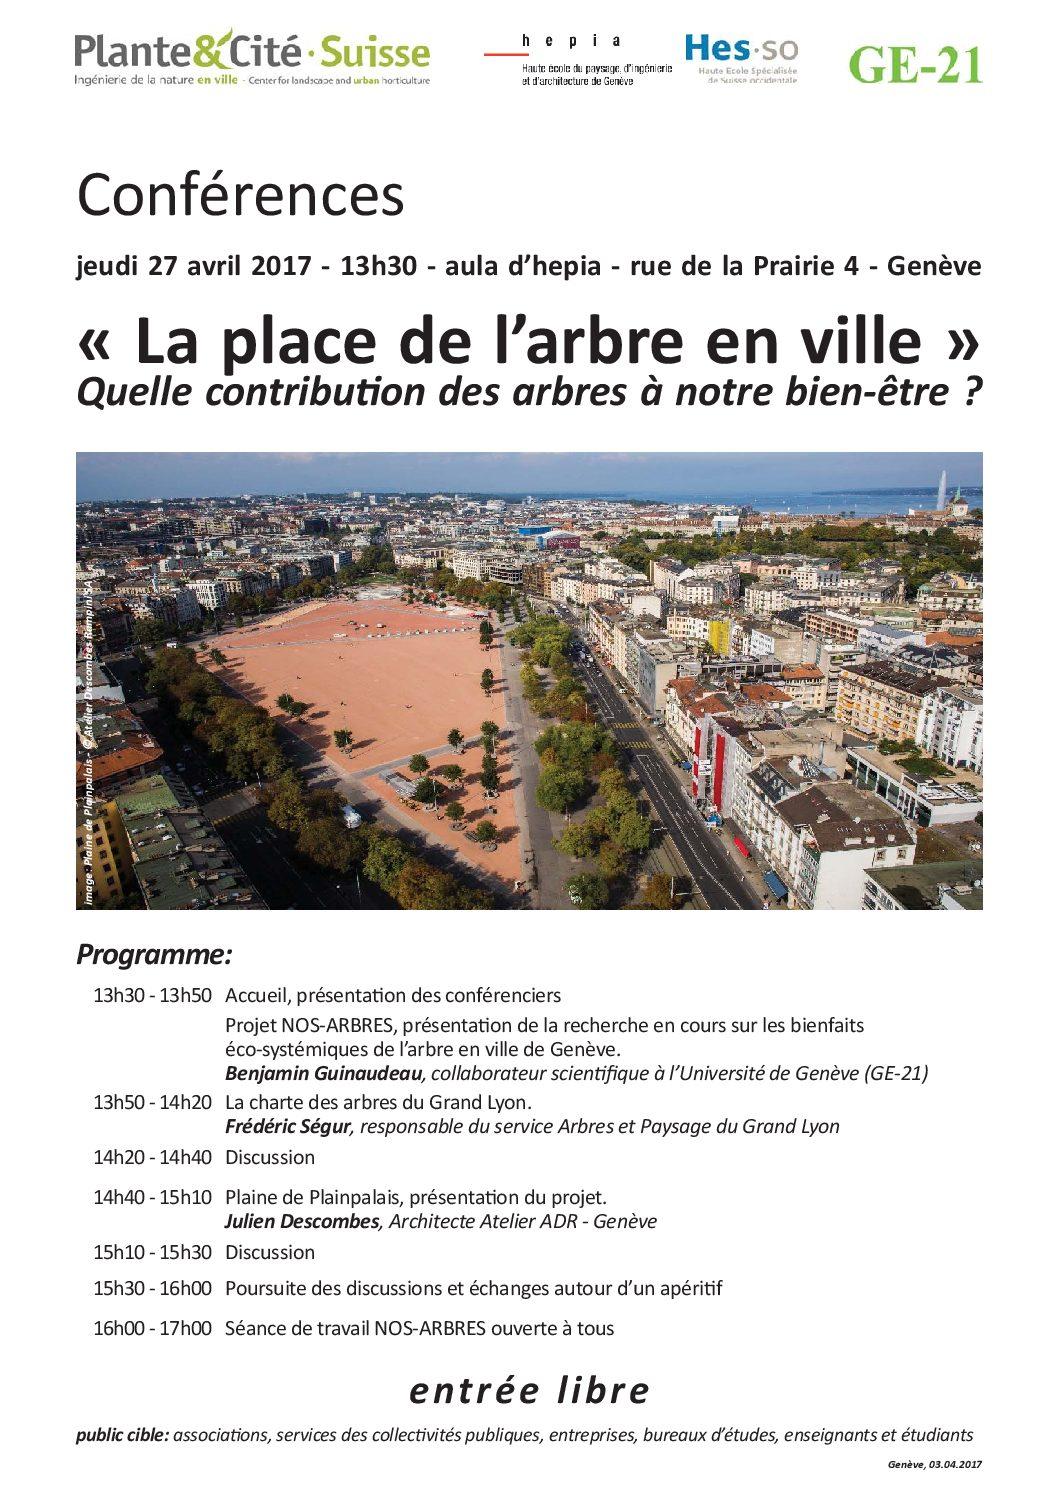 Conférences : «La place de l'arbre en ville» Quelle contribution des arbres à notre bien-être?